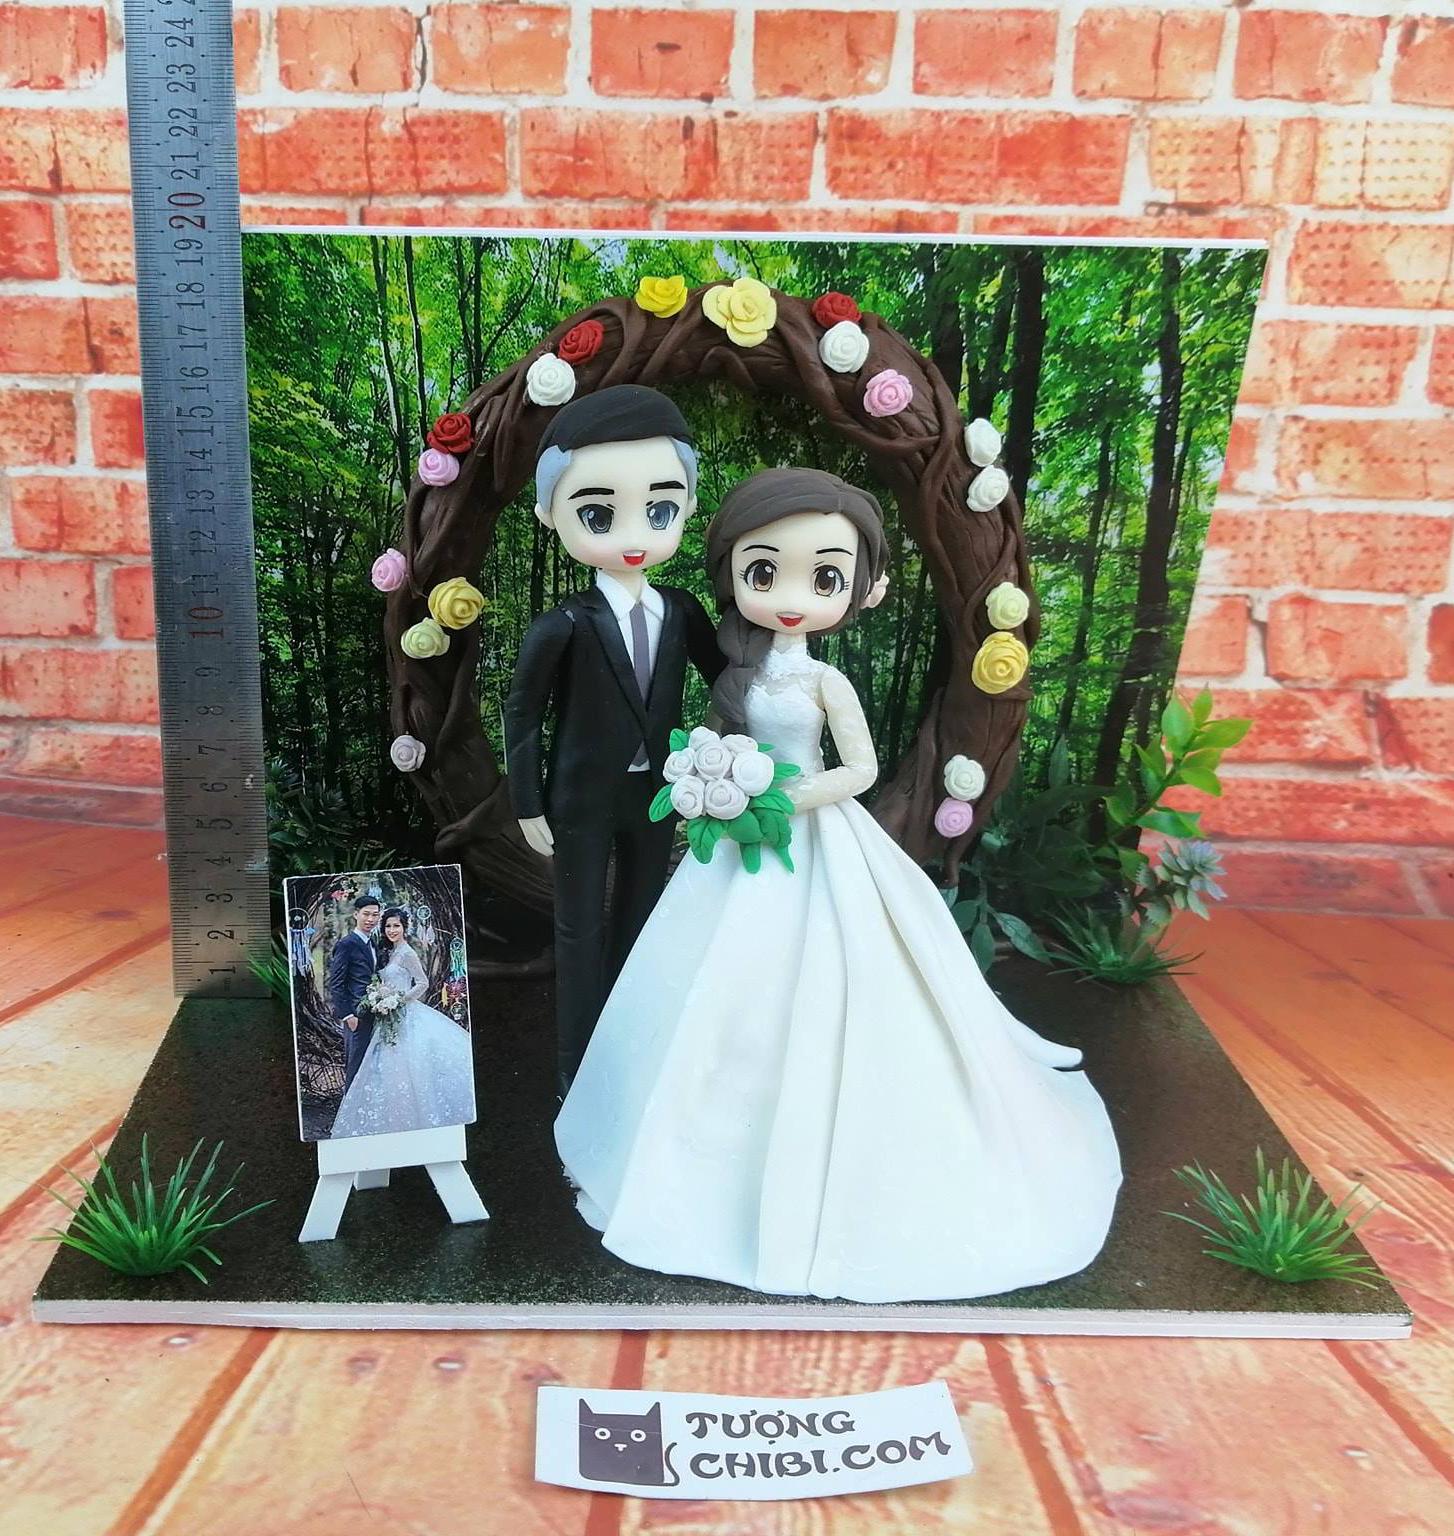 Quà lưu niệm đặc trưng của việt nam đà nẵng đám cưới dễ thương giá rẻ